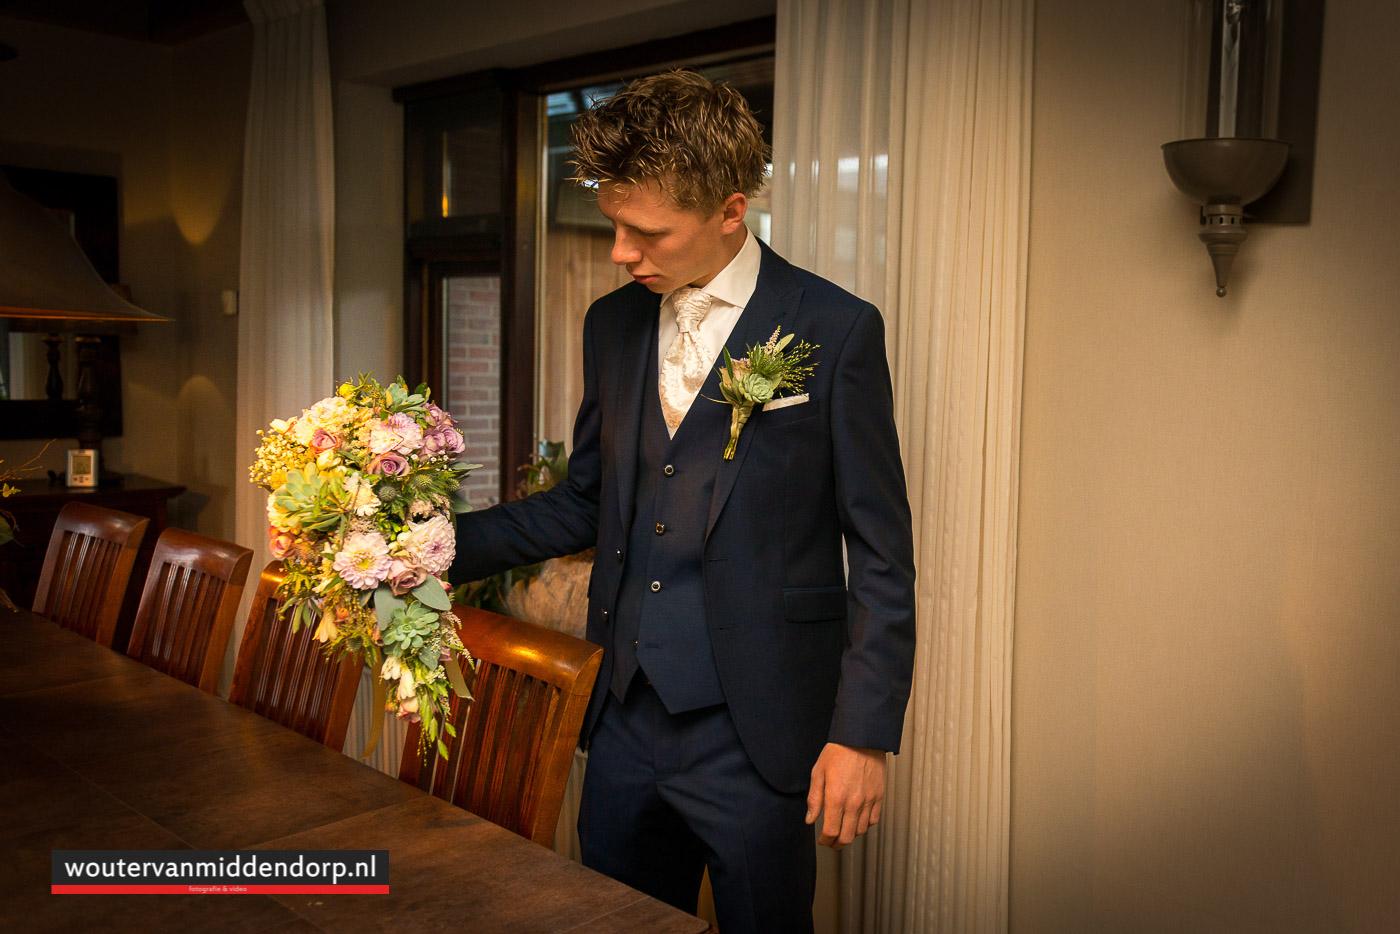 bruidsfotografie Wouter van Middendorp Uddel, Harskamp, Lunteren, Barneveld, fotograaf-10